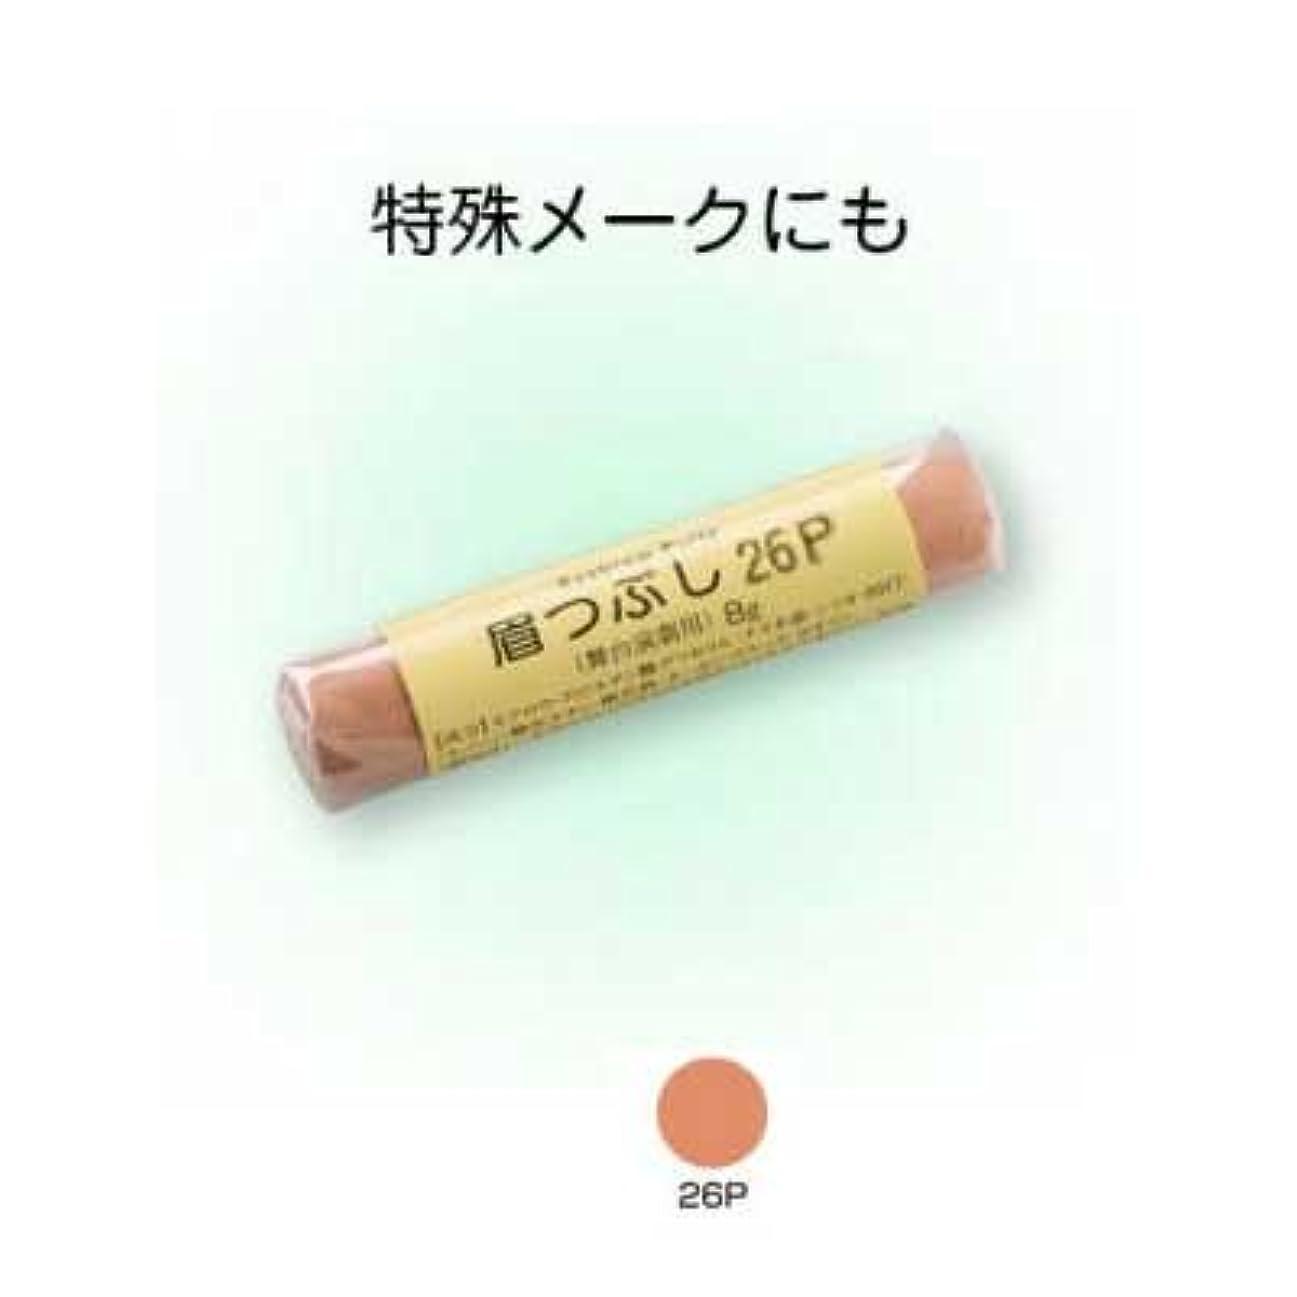 眉つぶし 26P【三善】